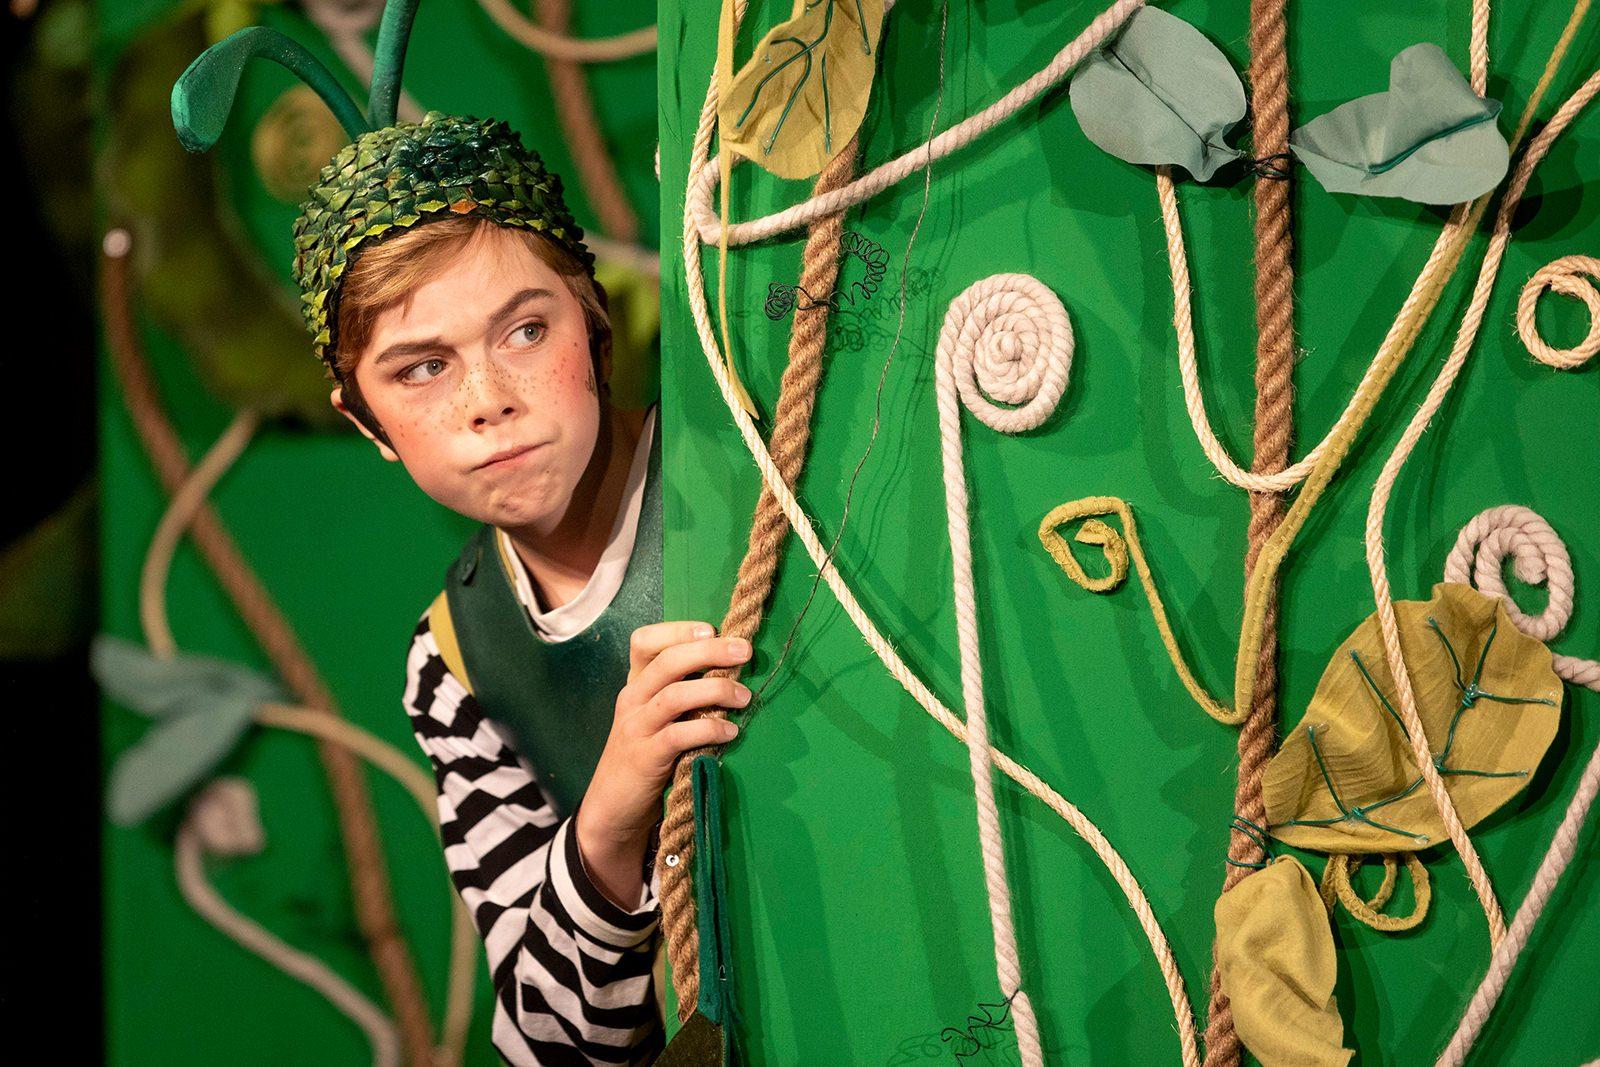 Weihnachtsmärchen 2019 am theater im e.novum - Prinzessin auf der Erbse